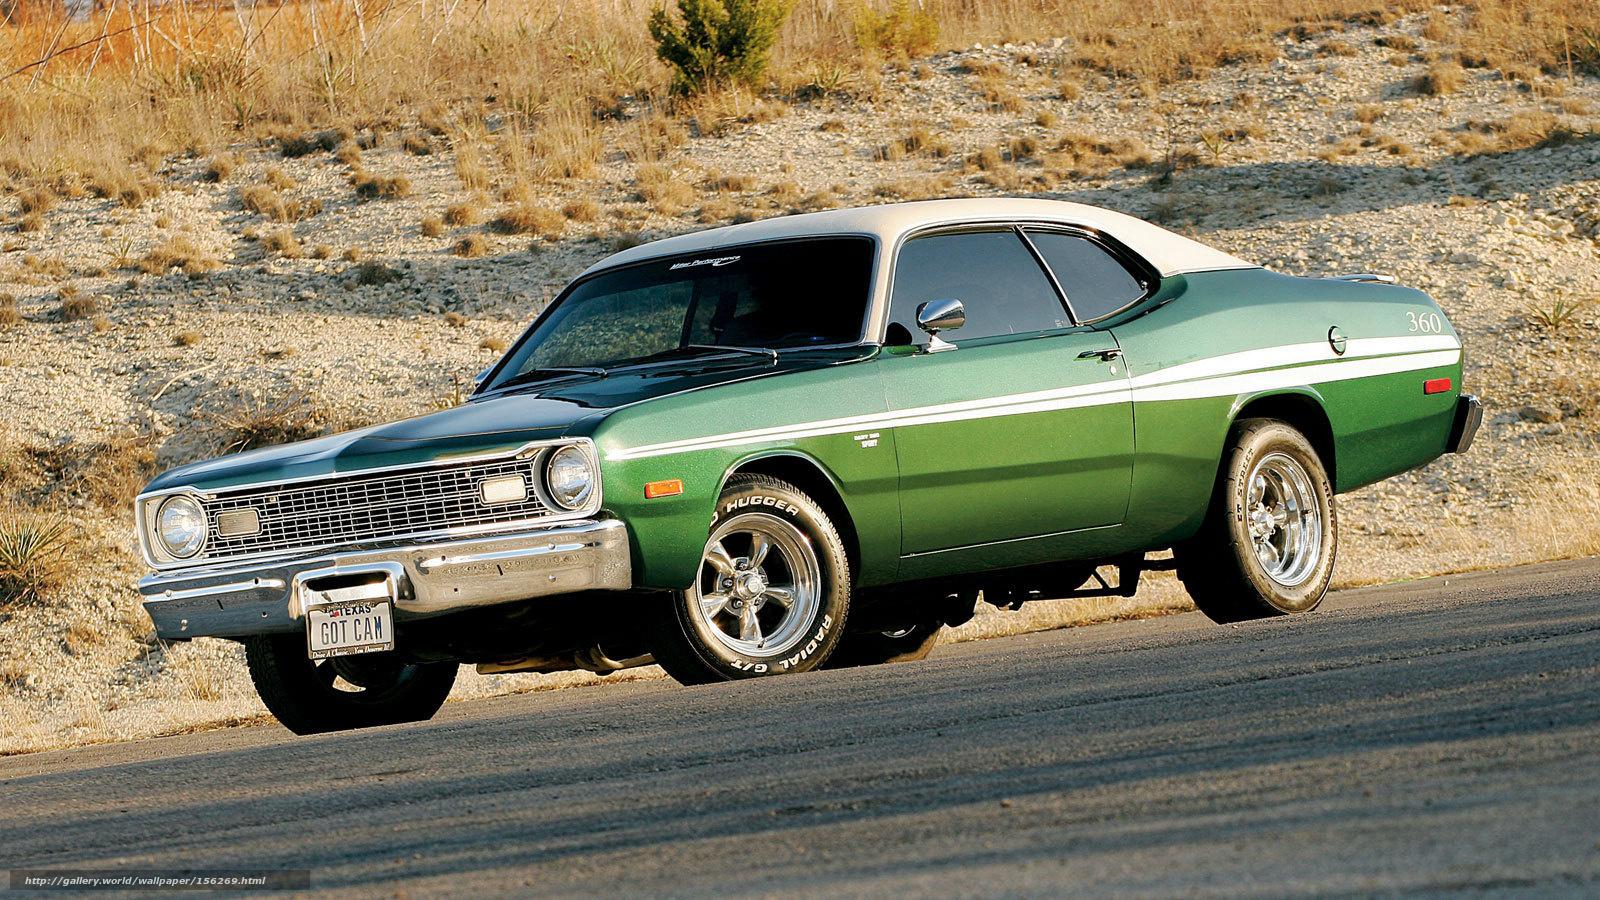 American Muscle Wallpaper Hd >> Dodge Muscle Car Wallpaper - WallpaperSafari